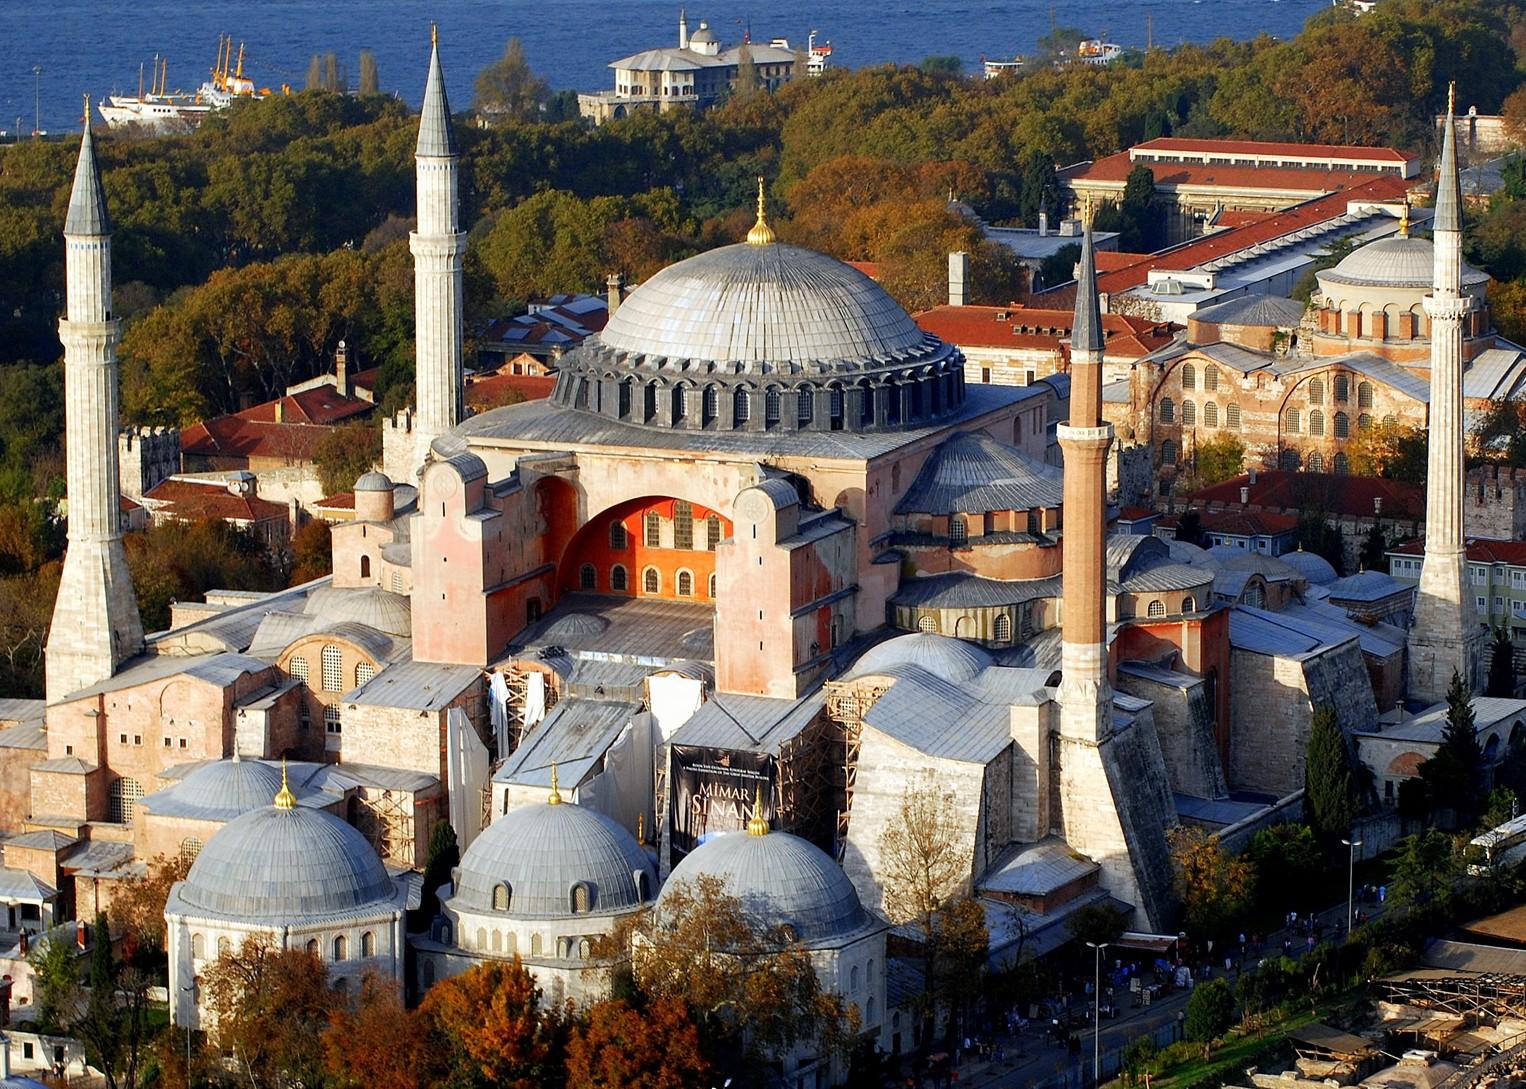 موزه ی ایاصوفیه را از نزدیک ببینید